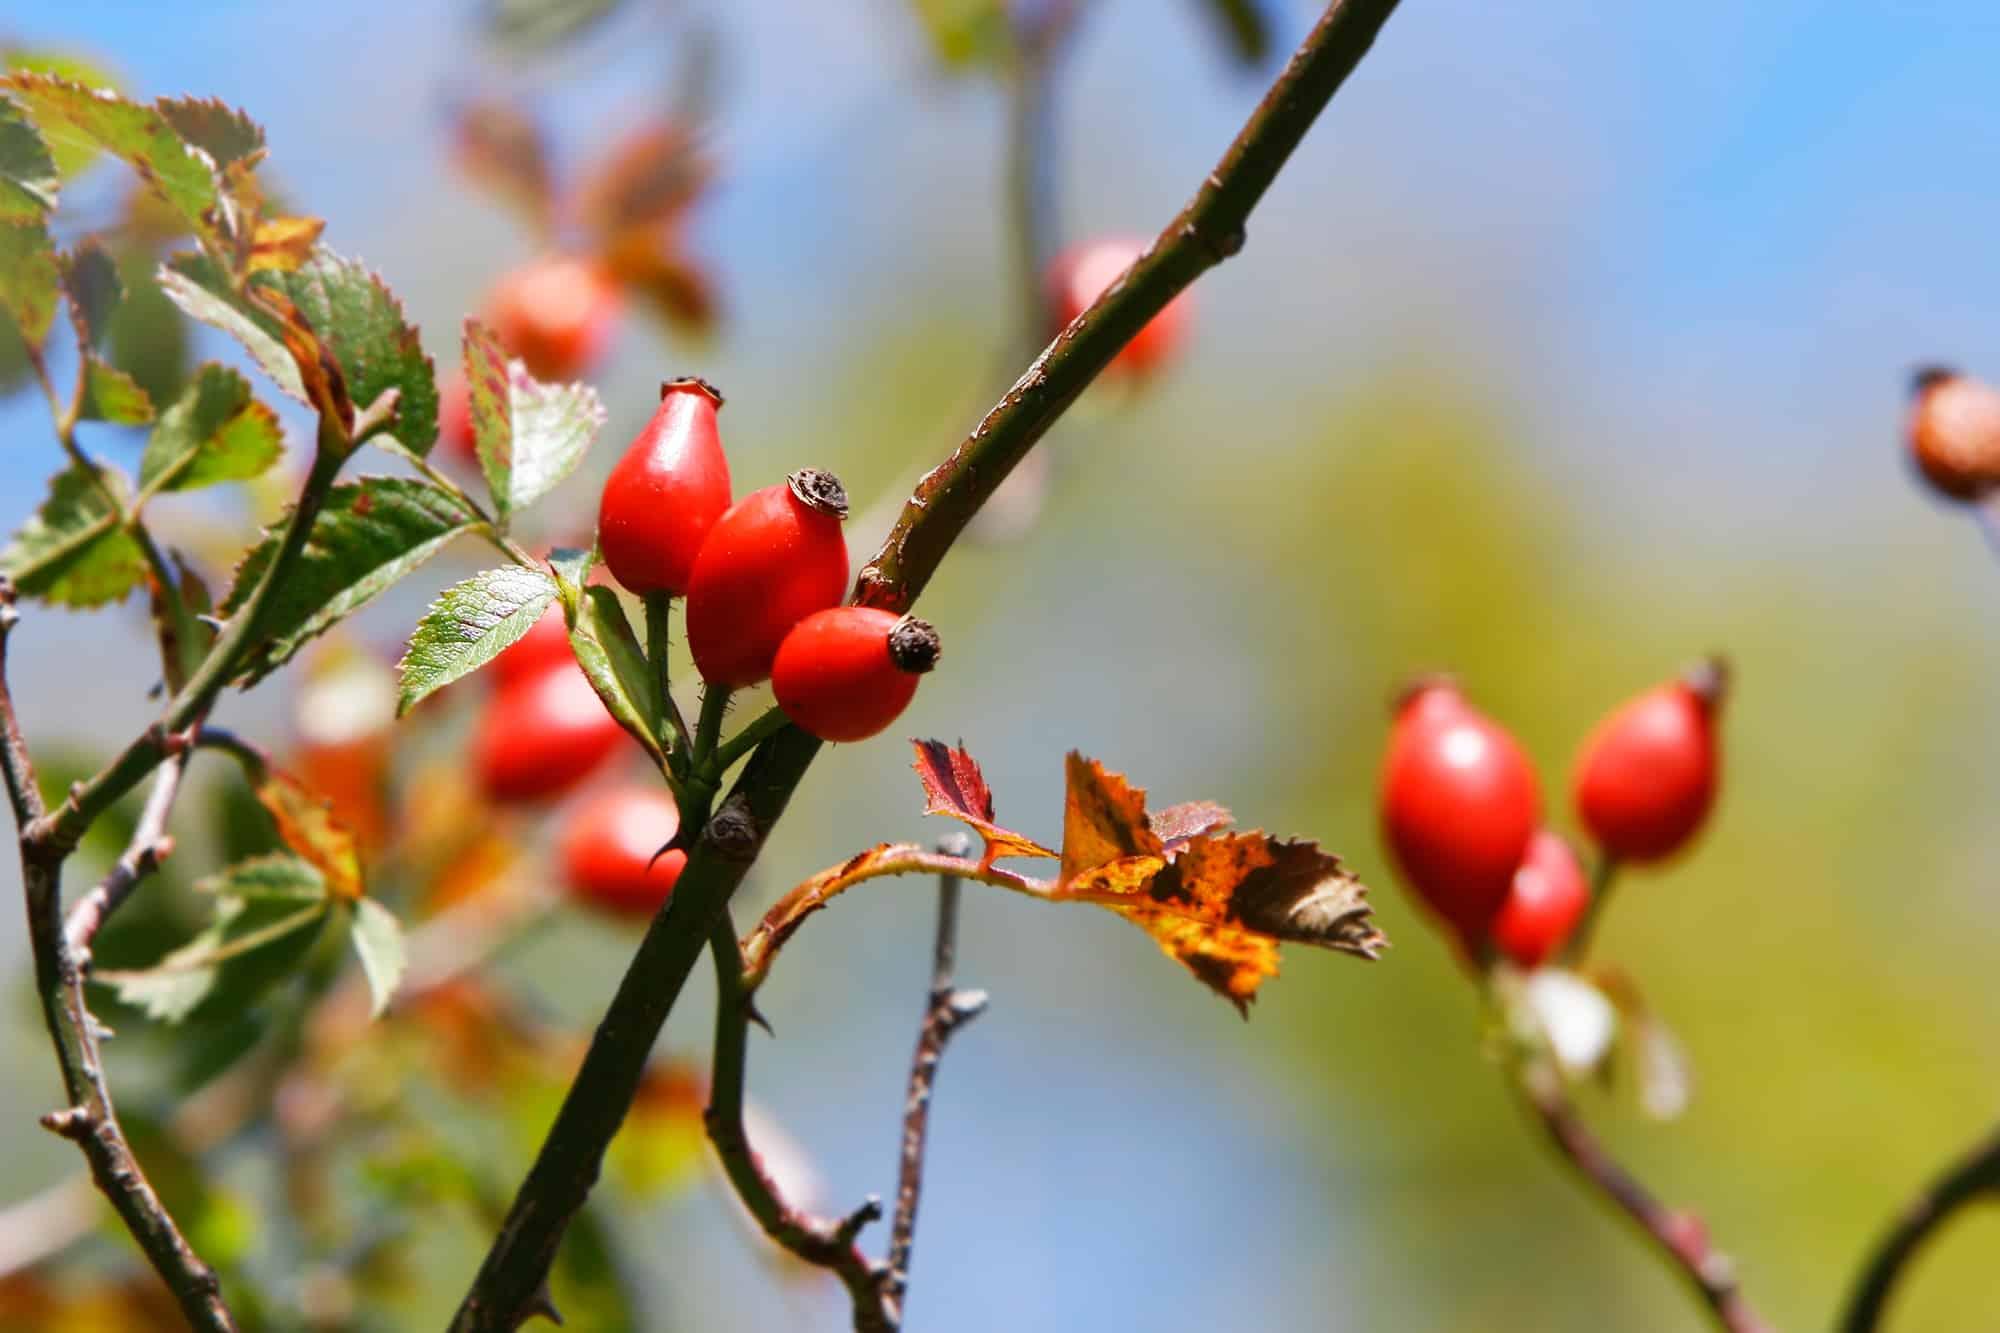 Hagebutte: 6 Wirkungen + 4 Anwendungen der gesunden Heilpflanze